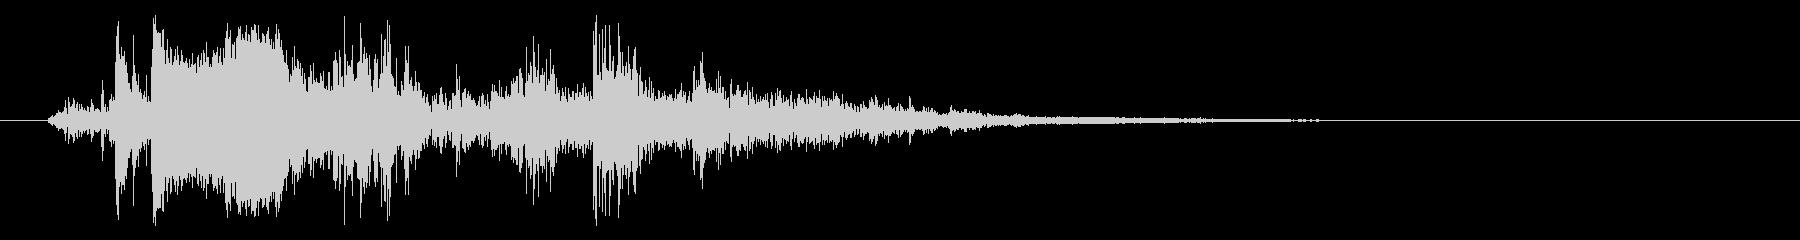 チャリリ(金属同士が触れ合う効果音)の未再生の波形